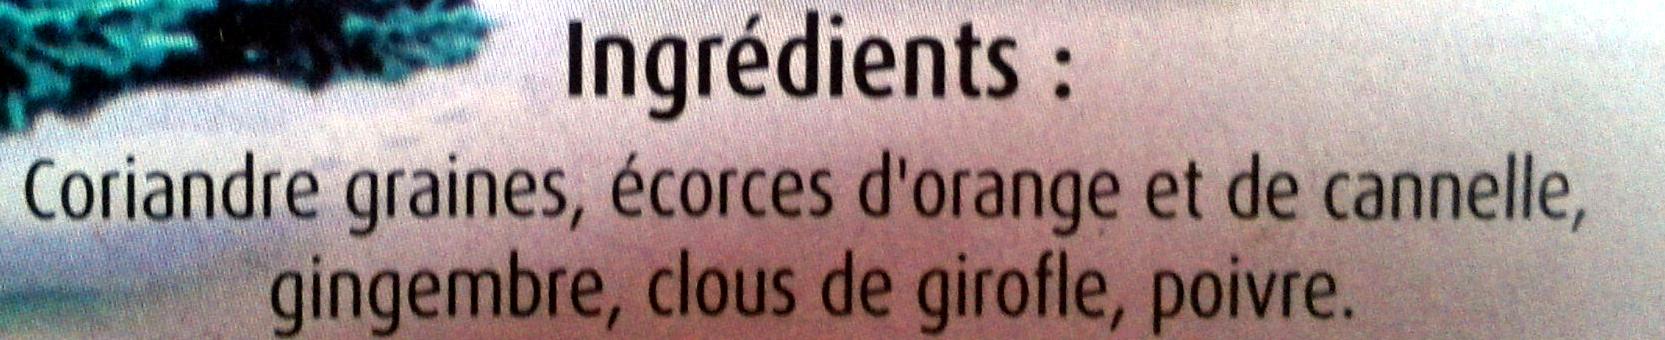 Préparation pour Vin Chaud - Ingrediënten - fr